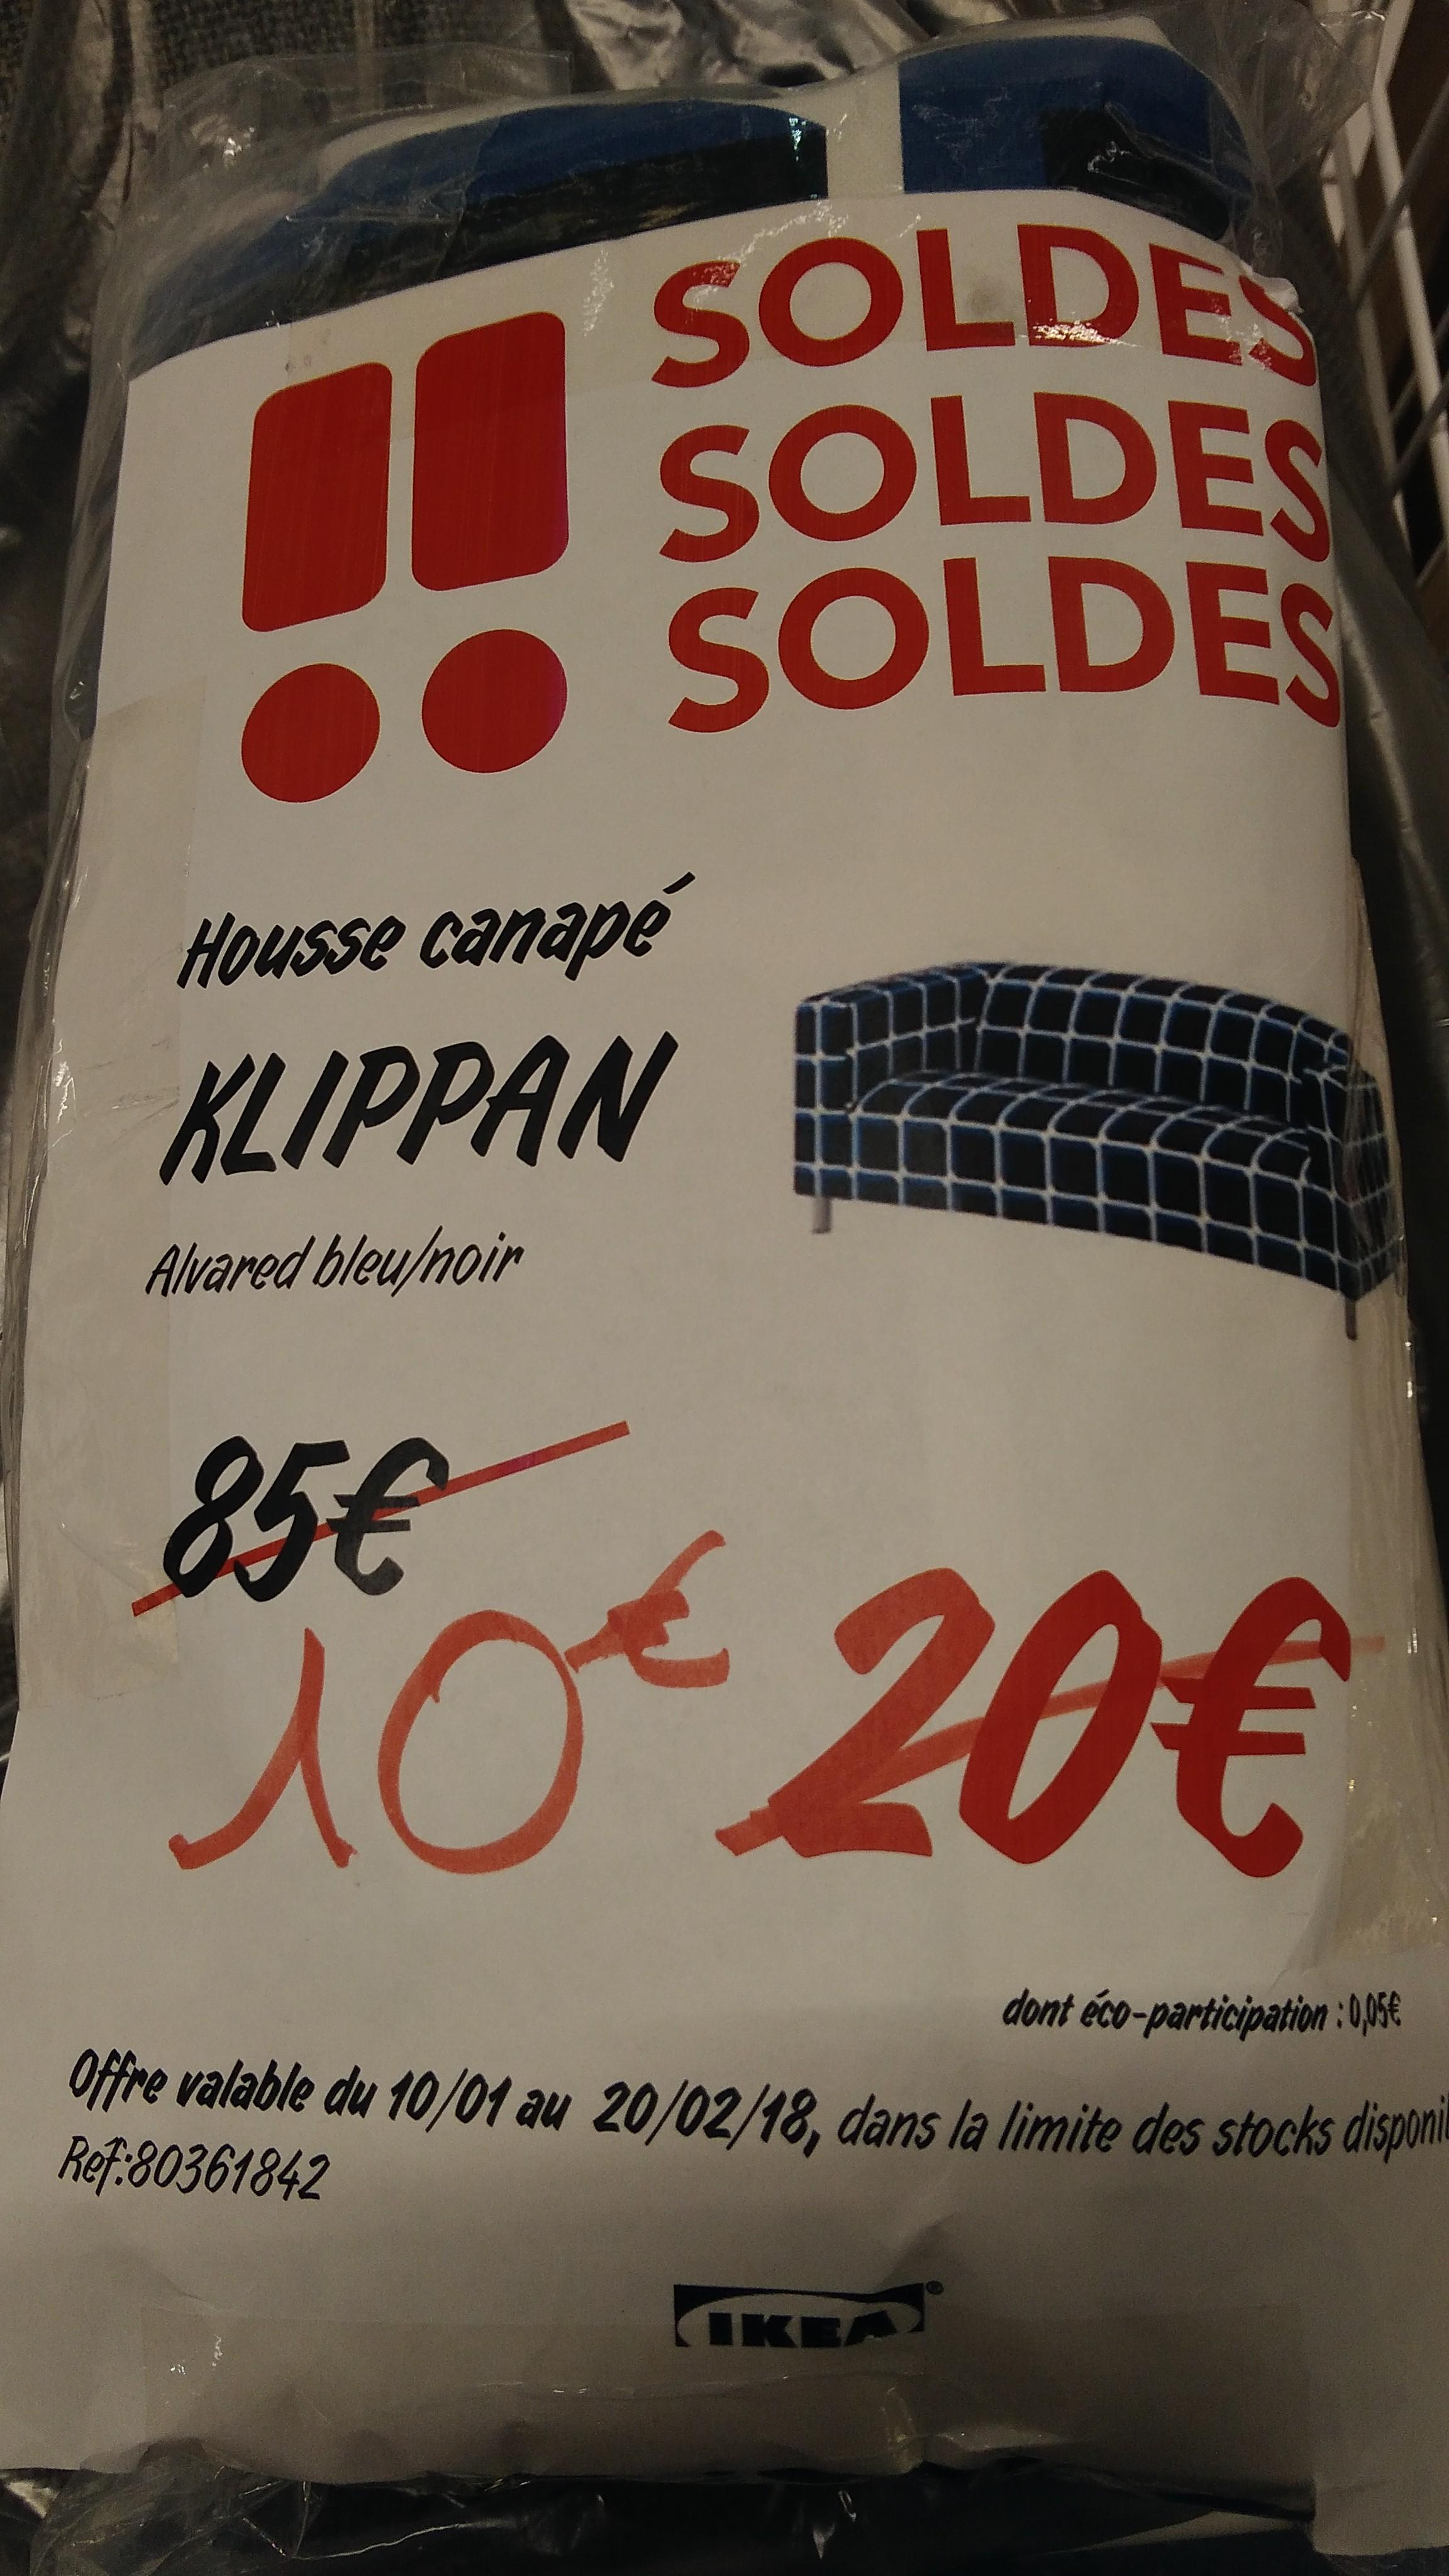 Housse Alvared bleu pour canapé Klippan à Ikea Mulhouse (68)